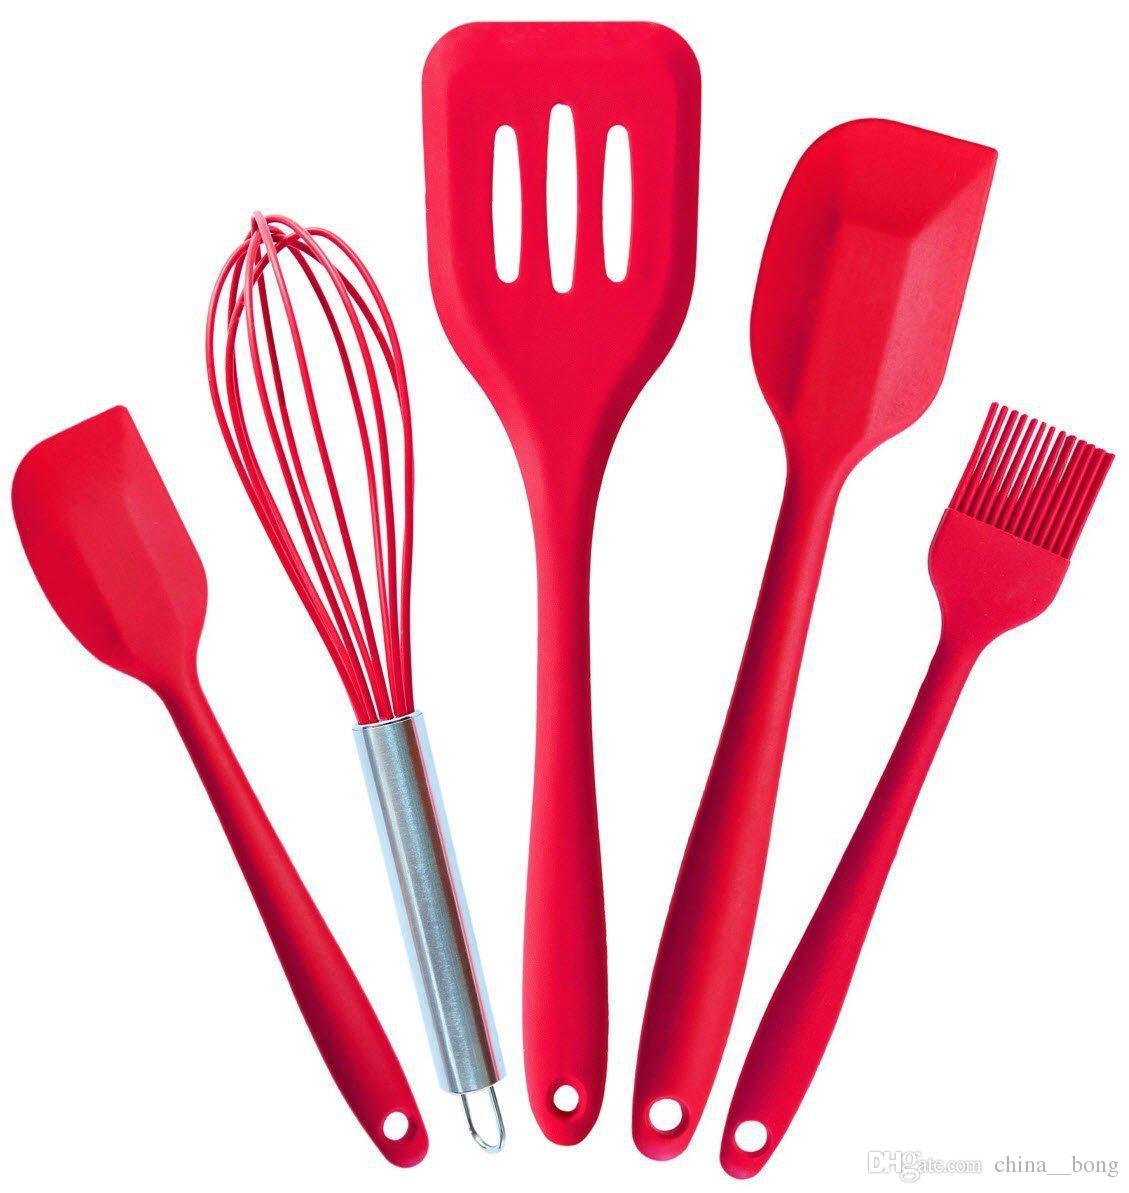 طقم أدوات المطبخ سيليكون اللون من فئة الغذاء 5 قطع من أدوات المطبخ المصنوعة من السيليكون مع مكشطة من السيليكون